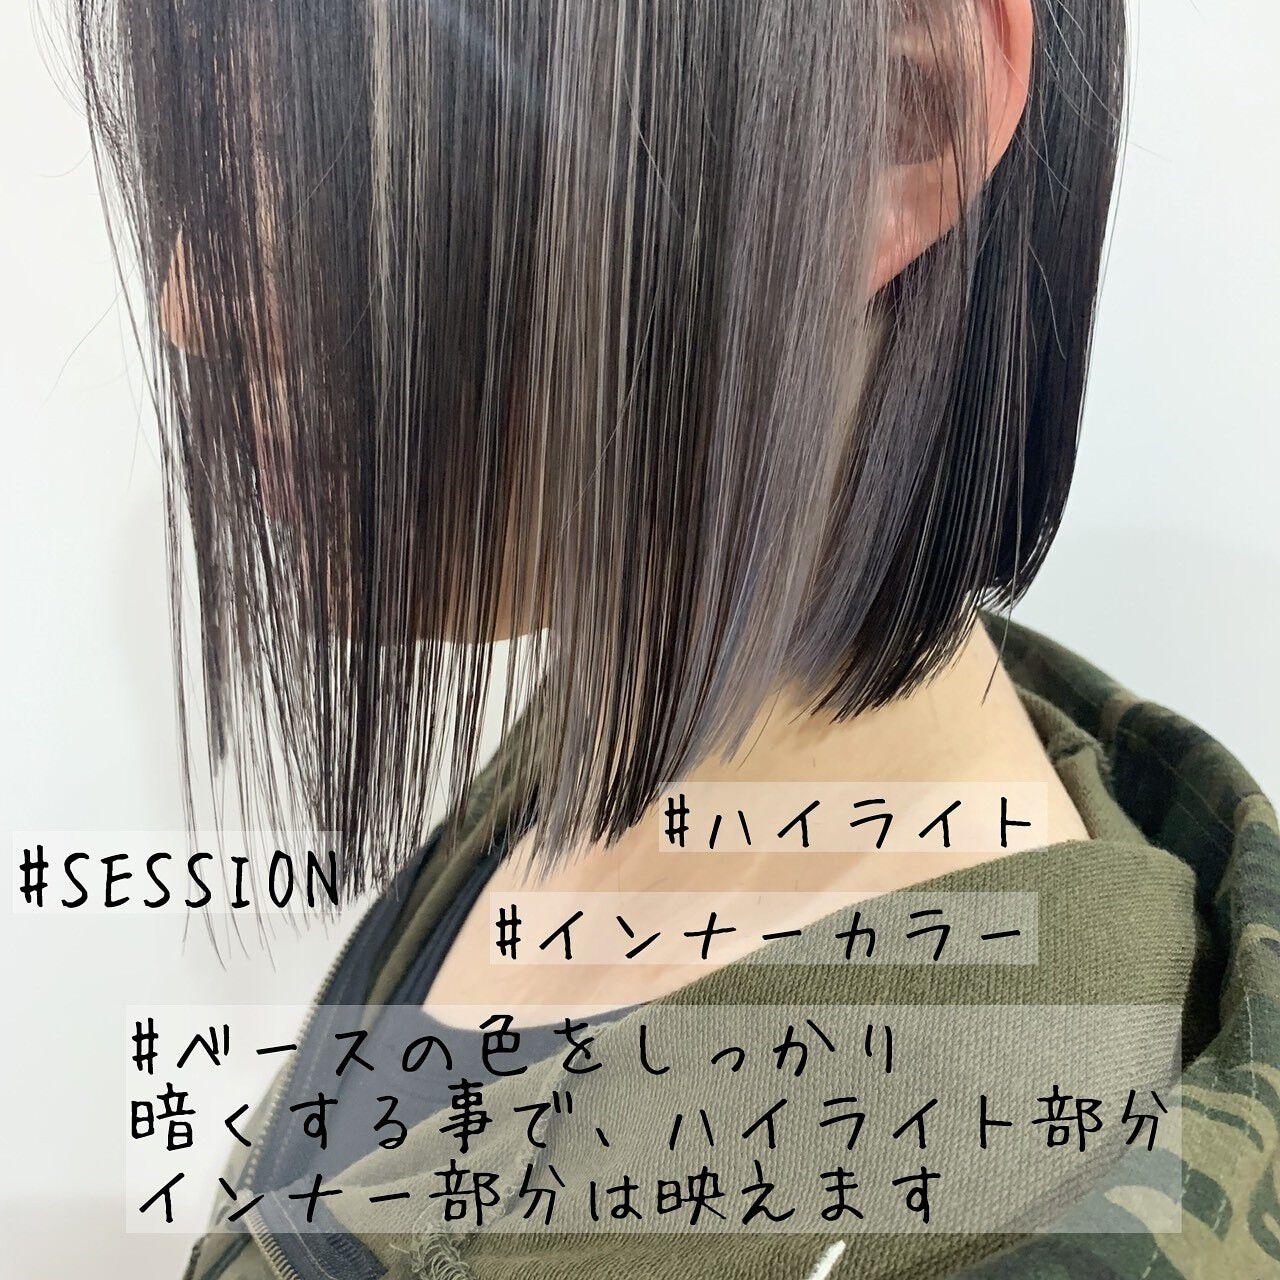 インナーカラー ホワイトグレージュ ボブ ハイライトヘアスタイルや髪型の写真・画像